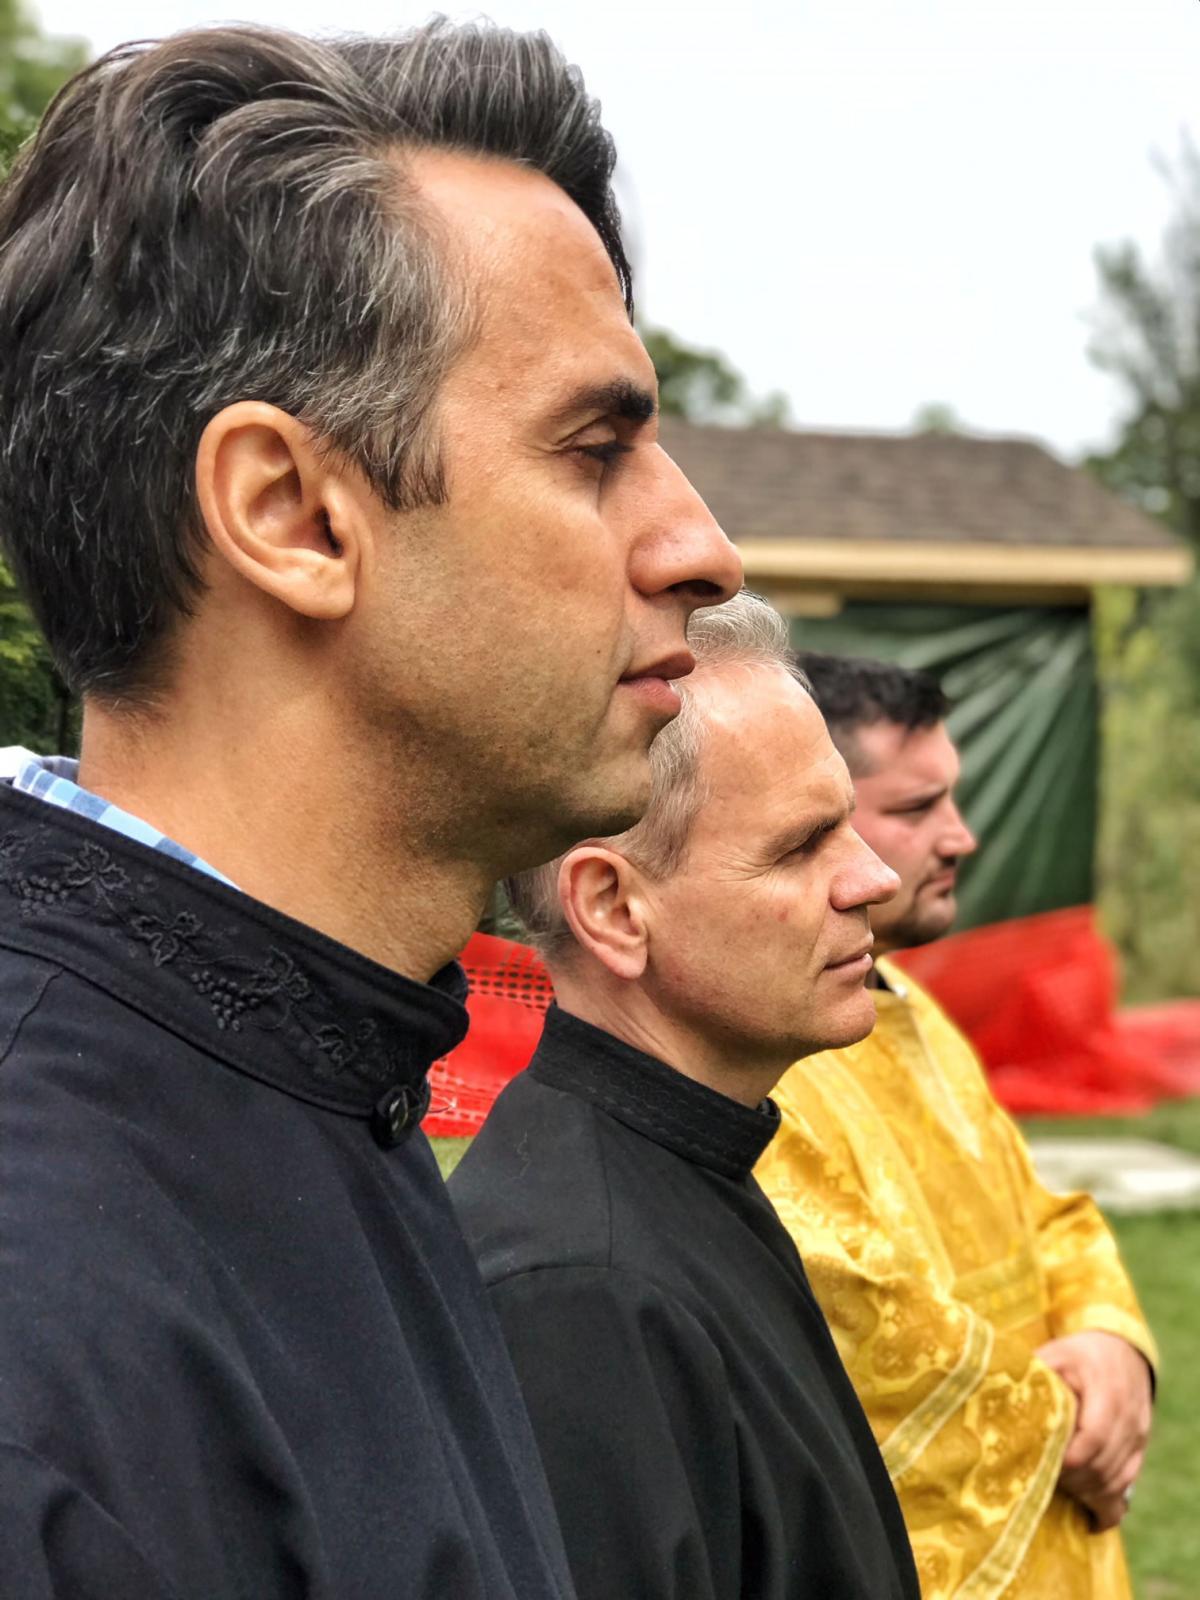 Александро-Невское братство в Канаде отметило первую годовщину/ synod.com